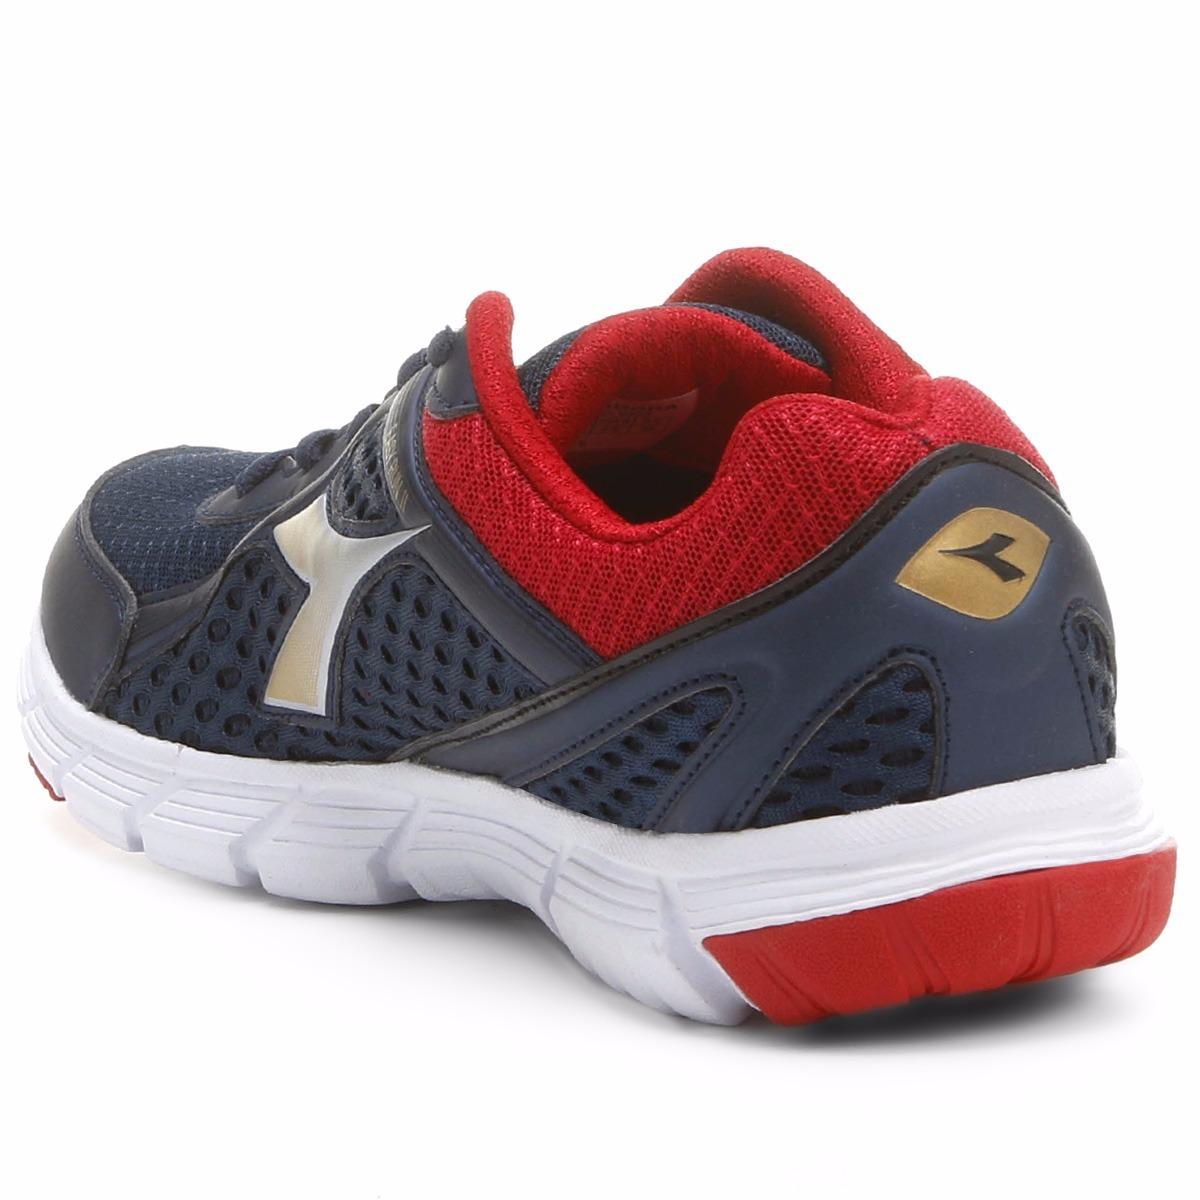 20ad1389820 tenis diadora easy run ii masculino azul vermelho. Carregando zoom.